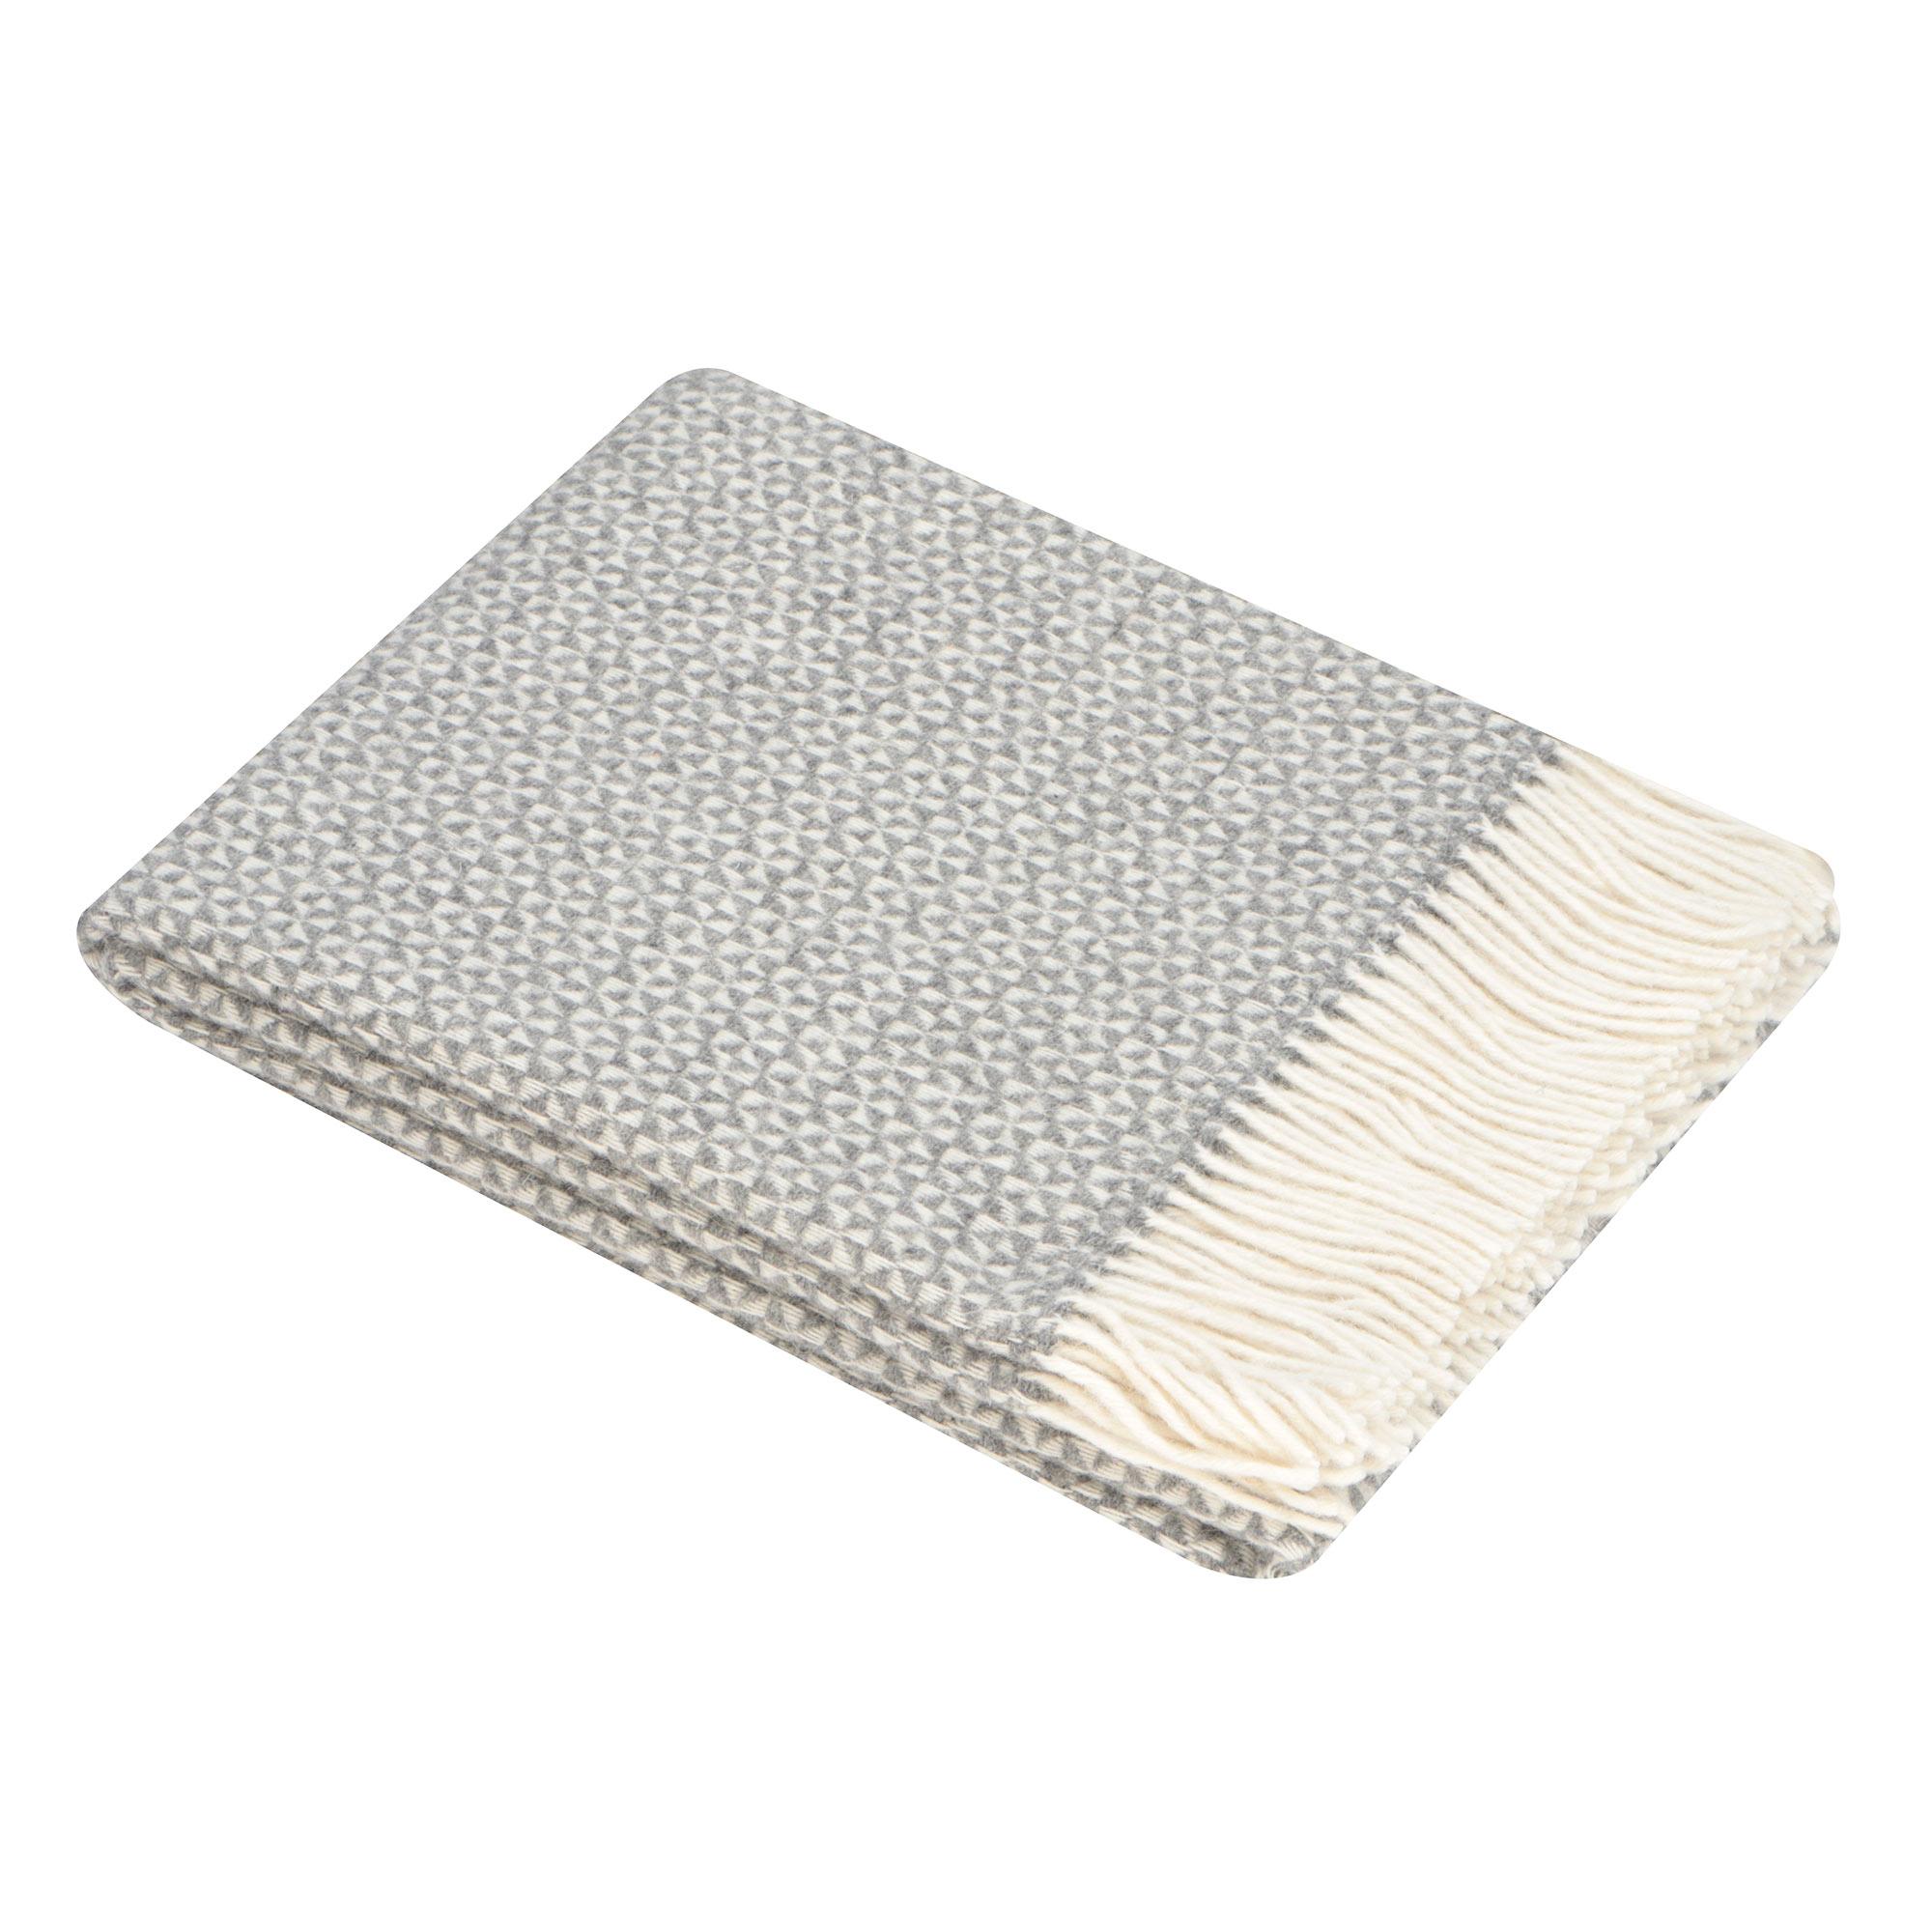 Плед Home Blanket Aldona 140х200 см